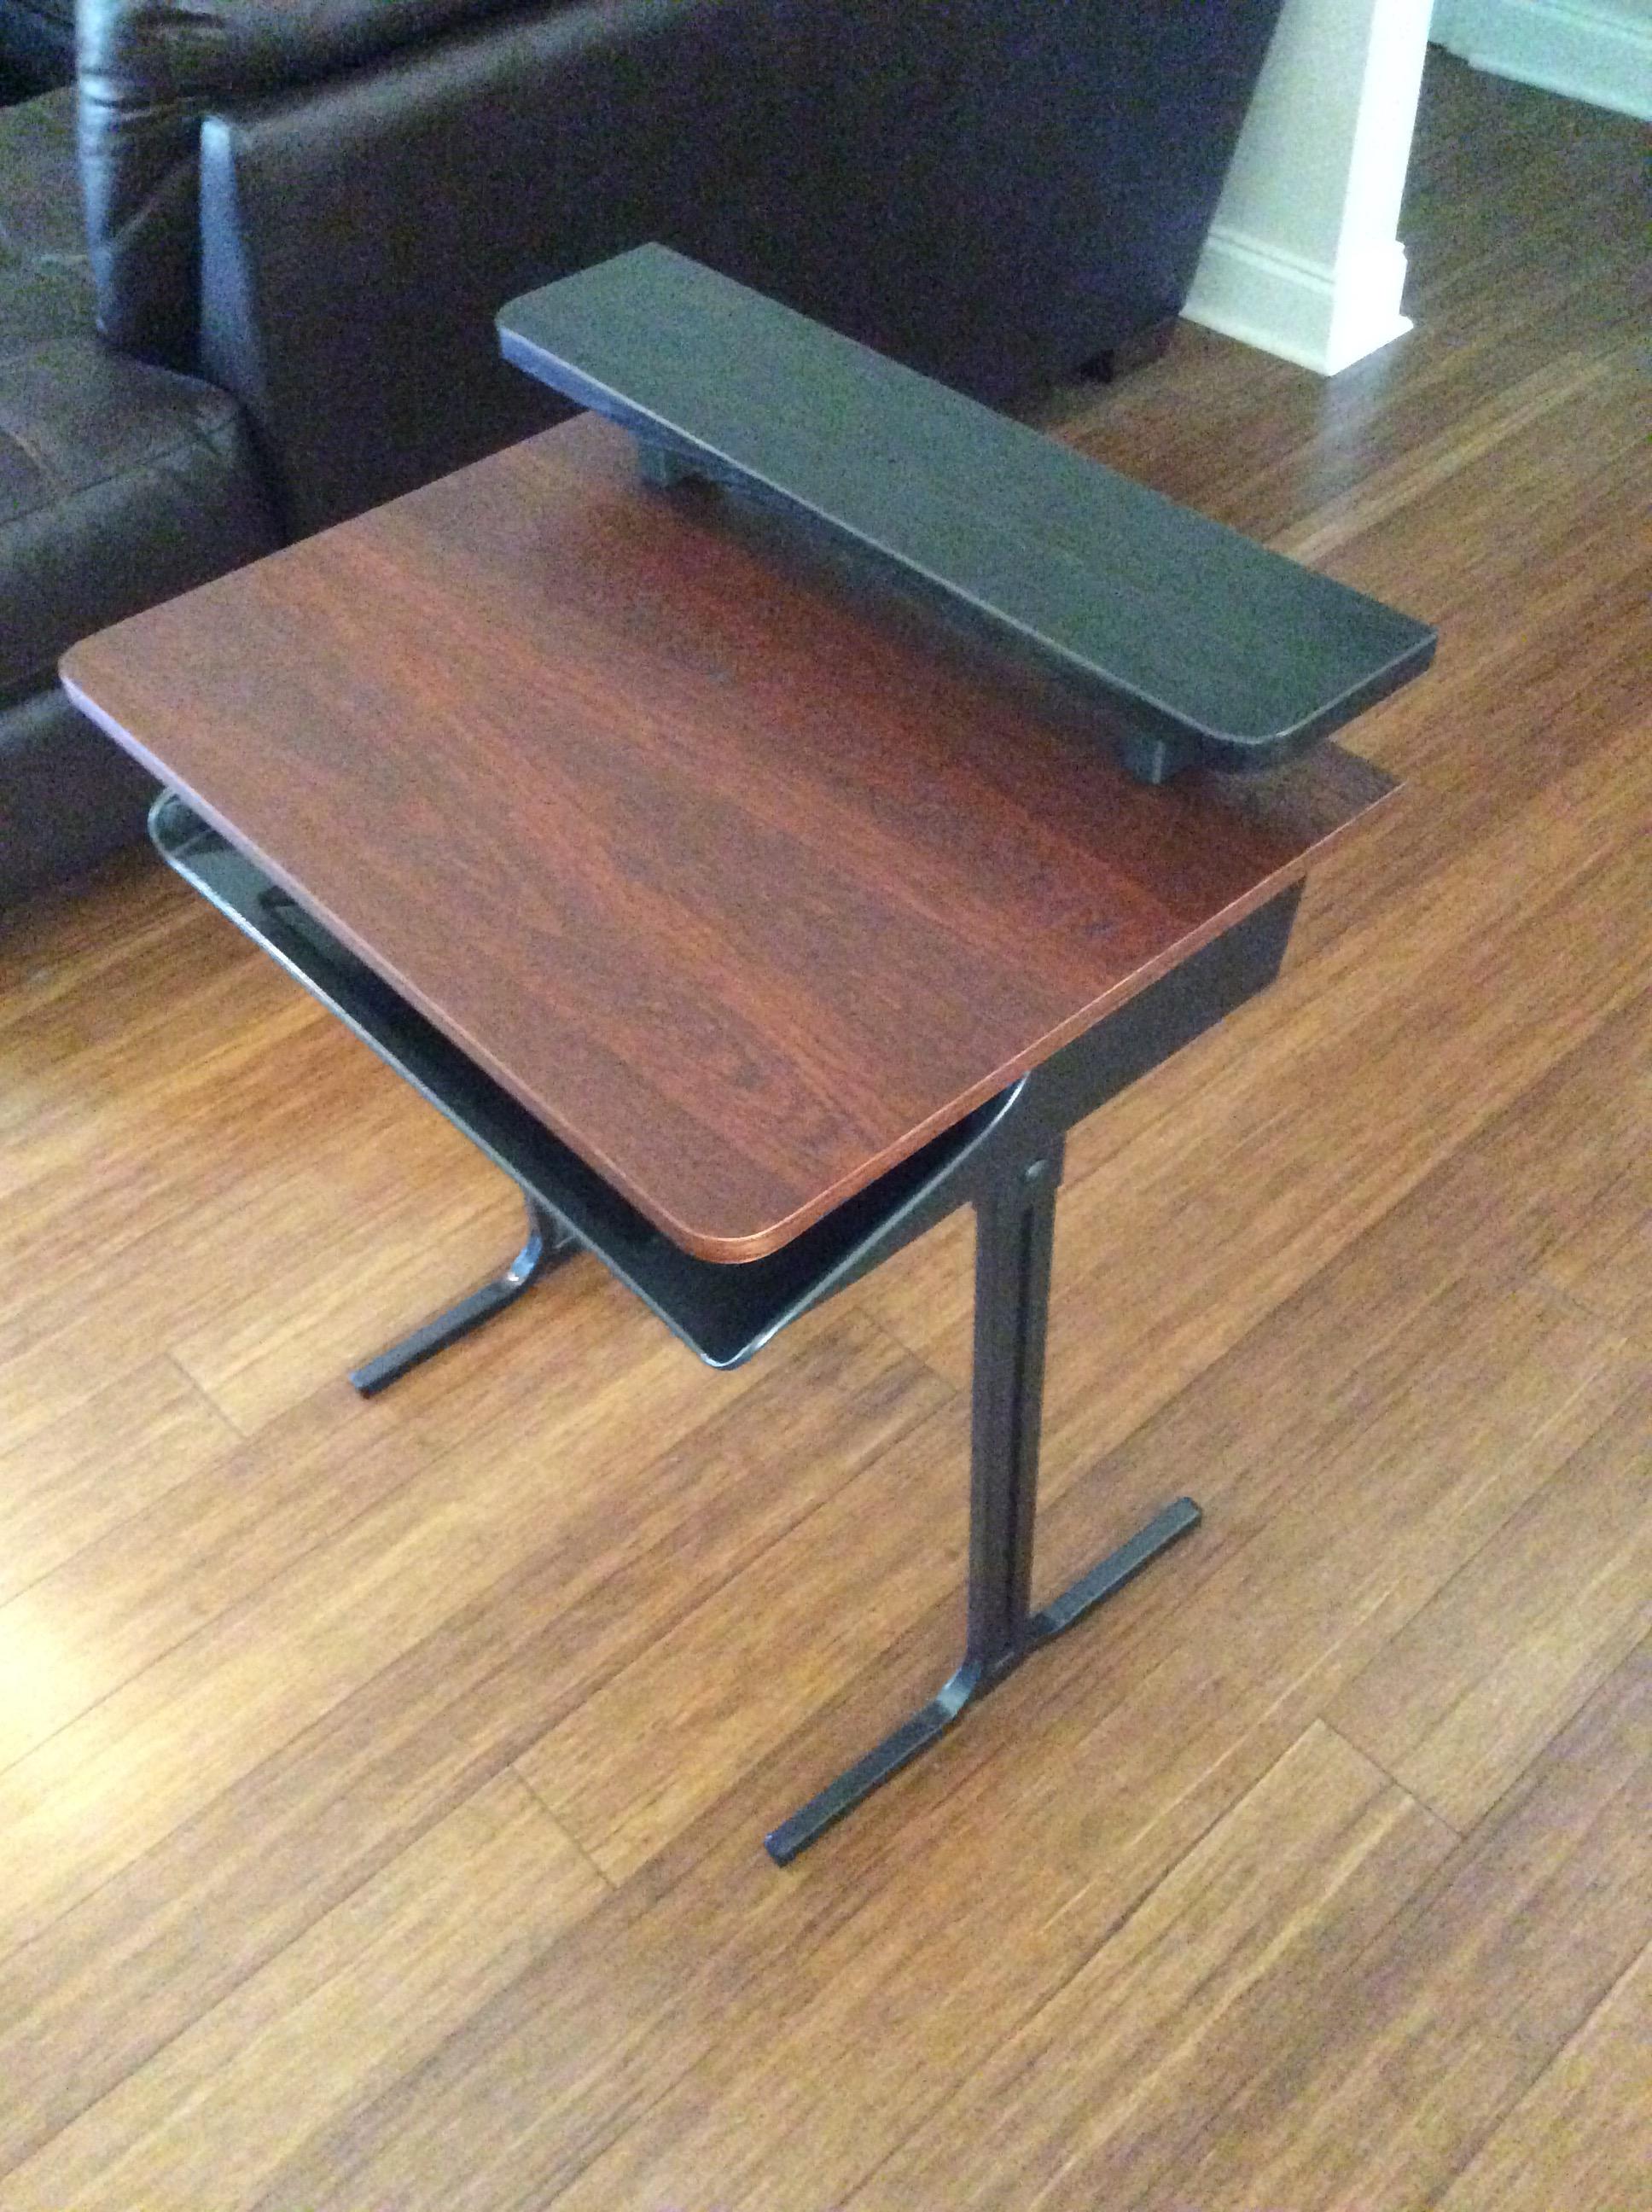 Refurbished Desk